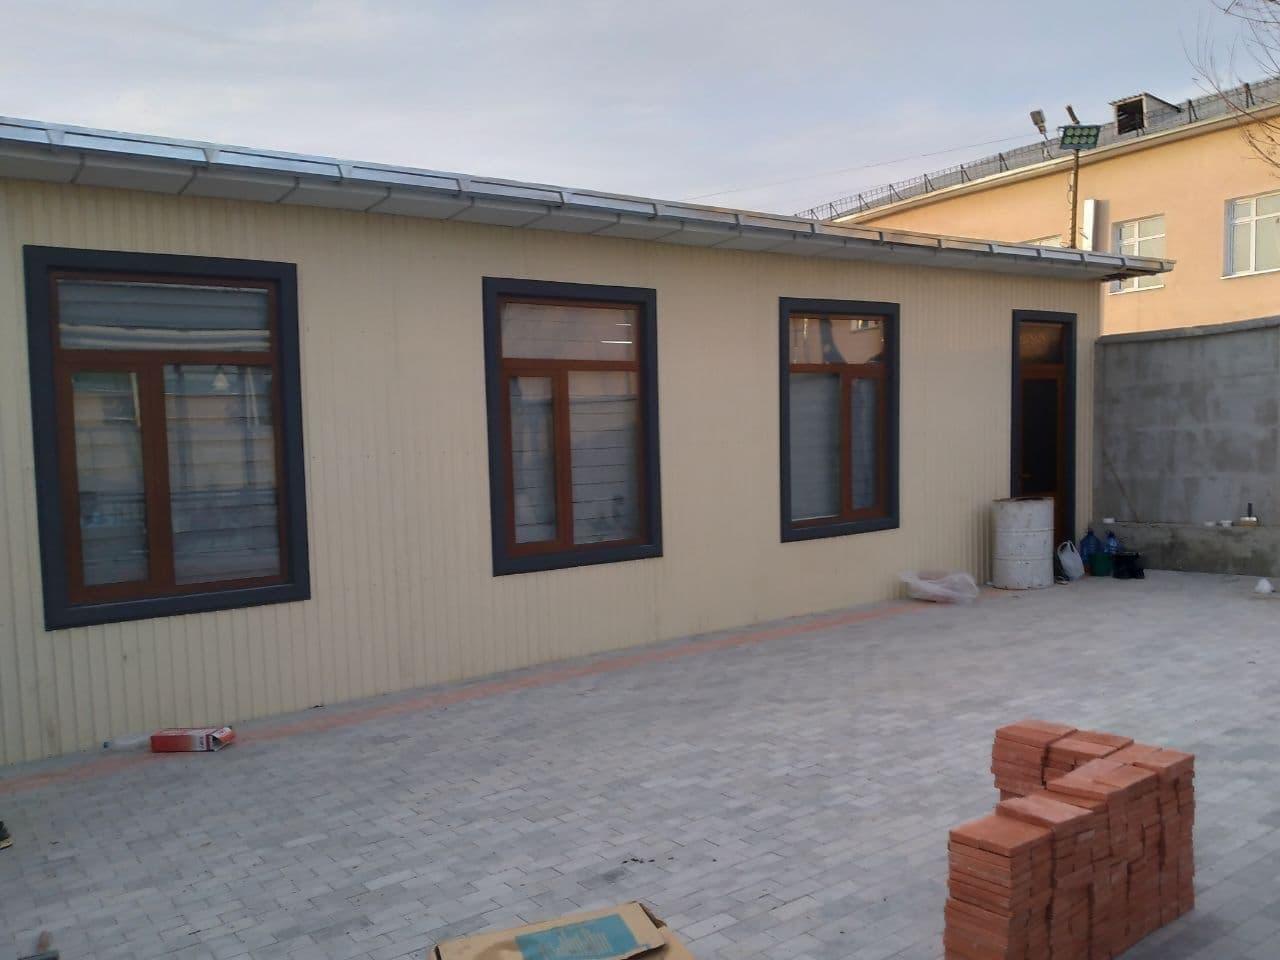 Первый зампредседателя Сената Олий Мажлиса высказался о переезде в контейнер хокима Наманганской области